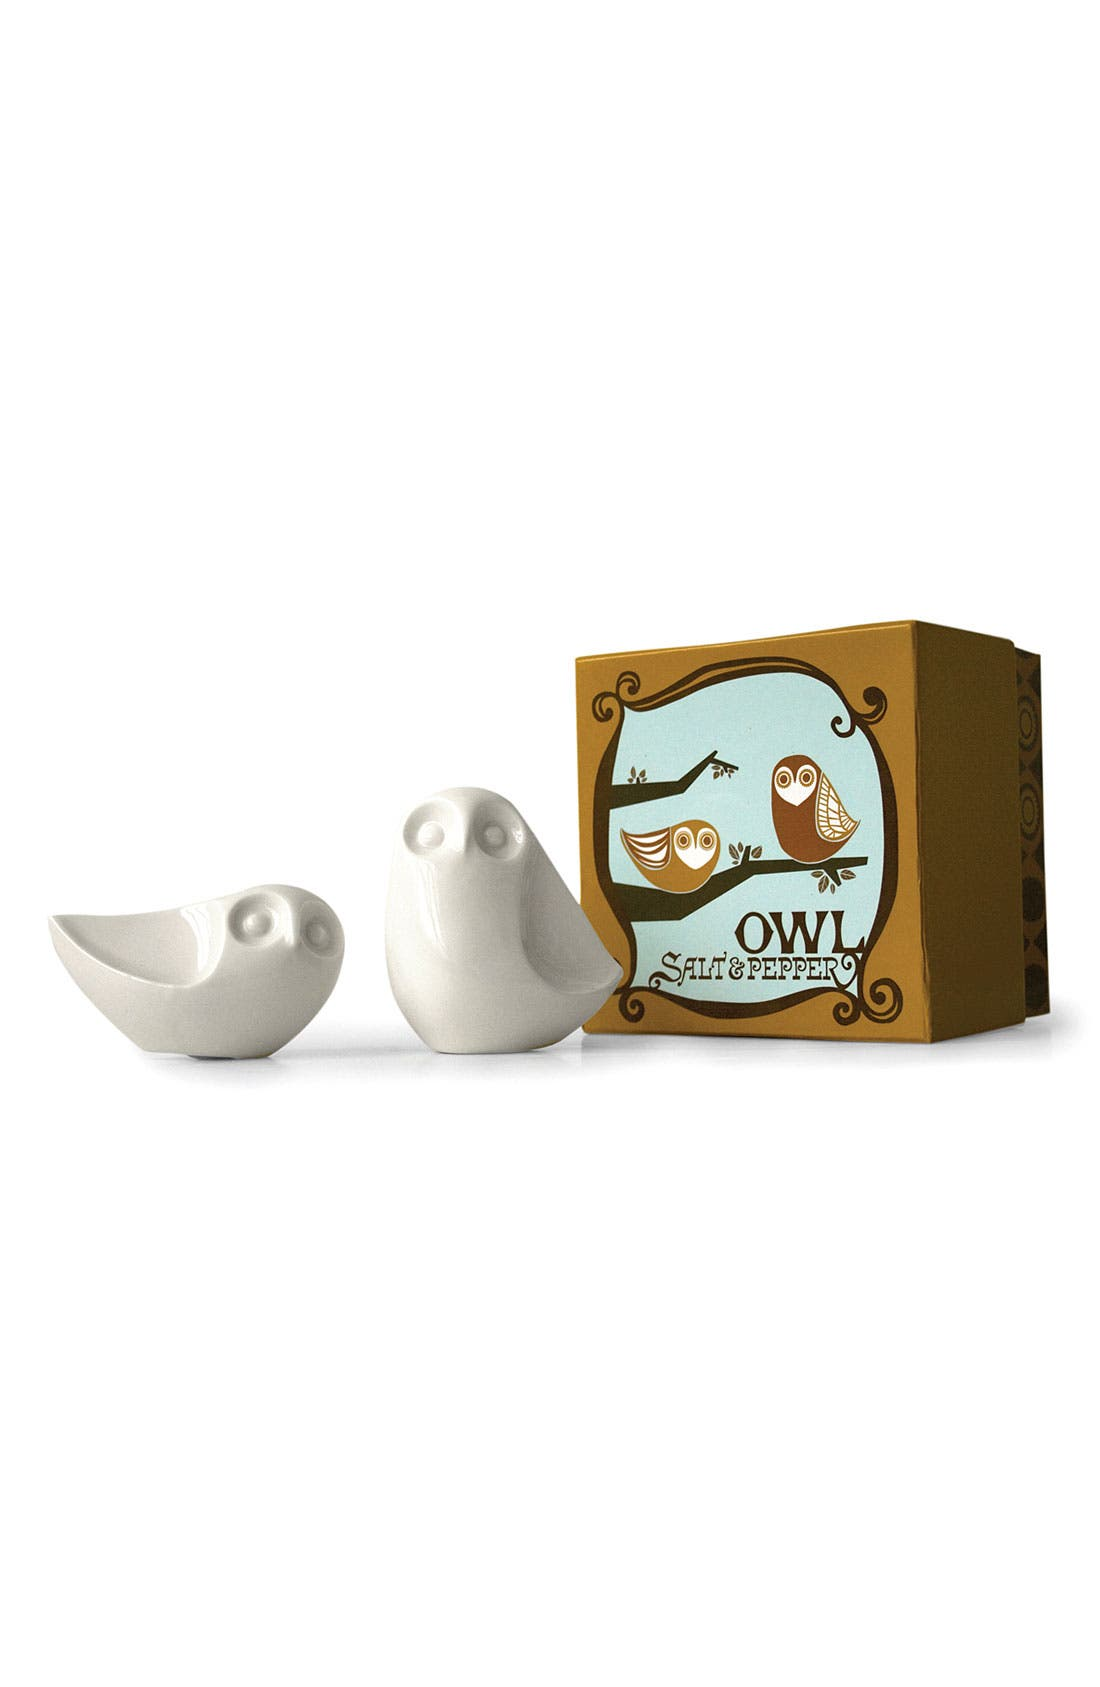 Main Image - Jonathan Adler Owl Salt & Pepper Shakers